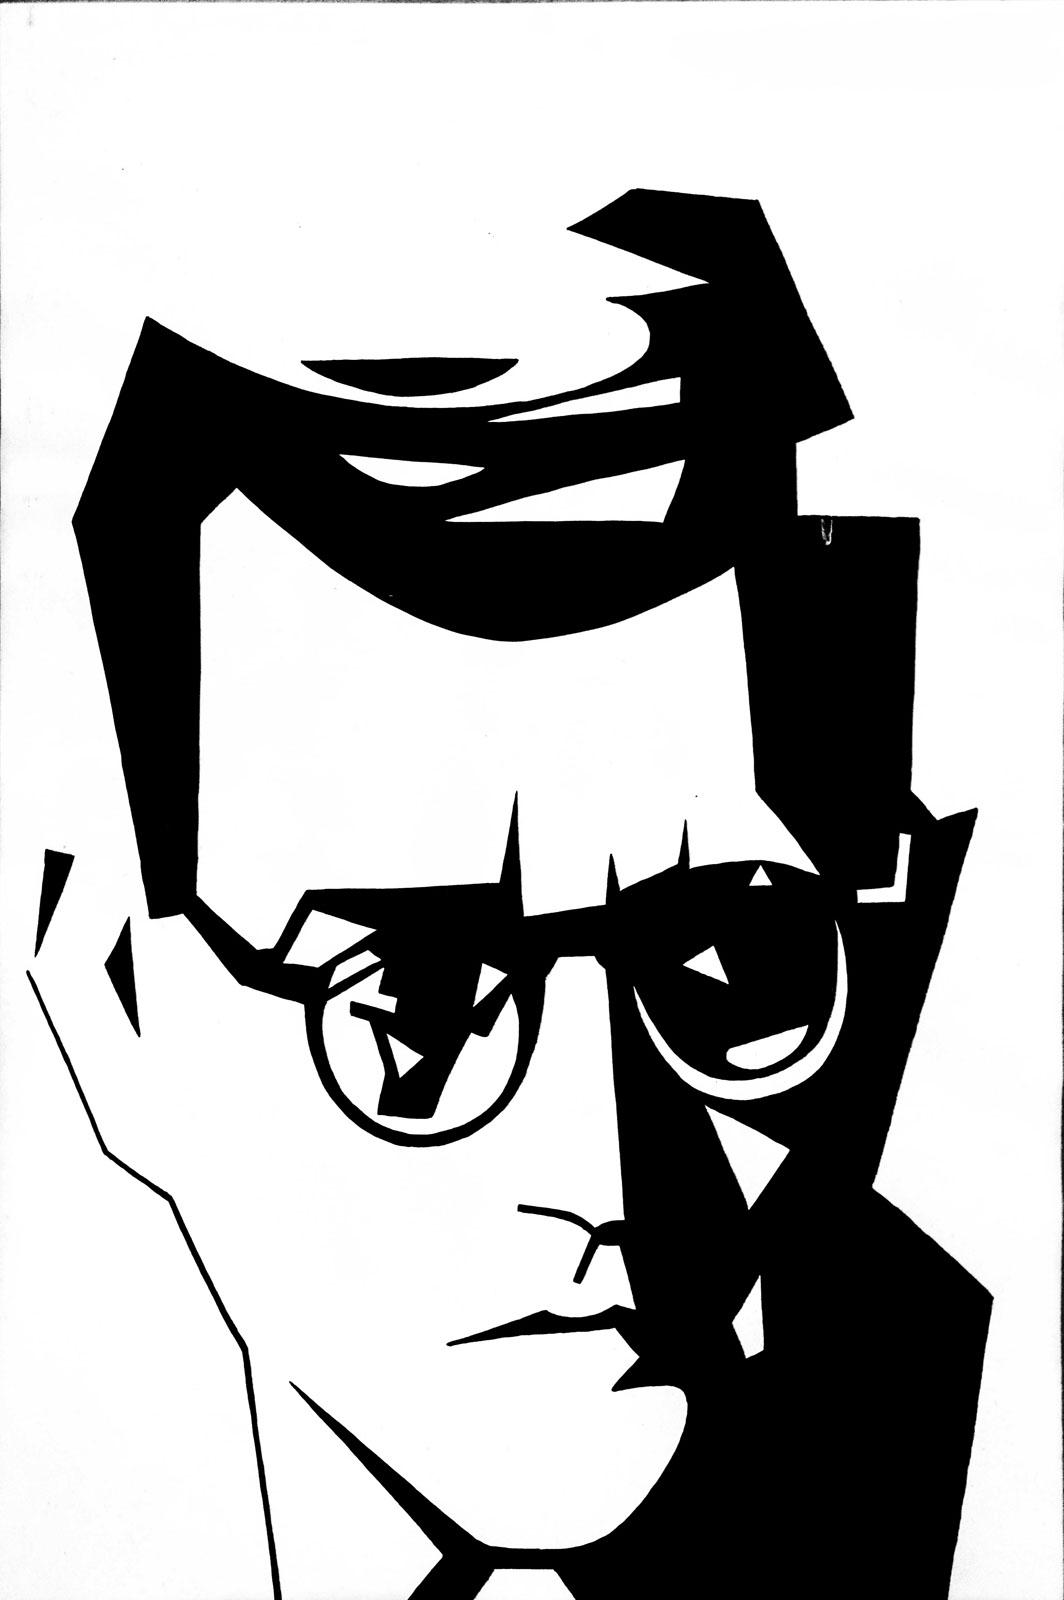 Фото №113472. Шостакович. 1961. Константин Васильев (1942-1976)